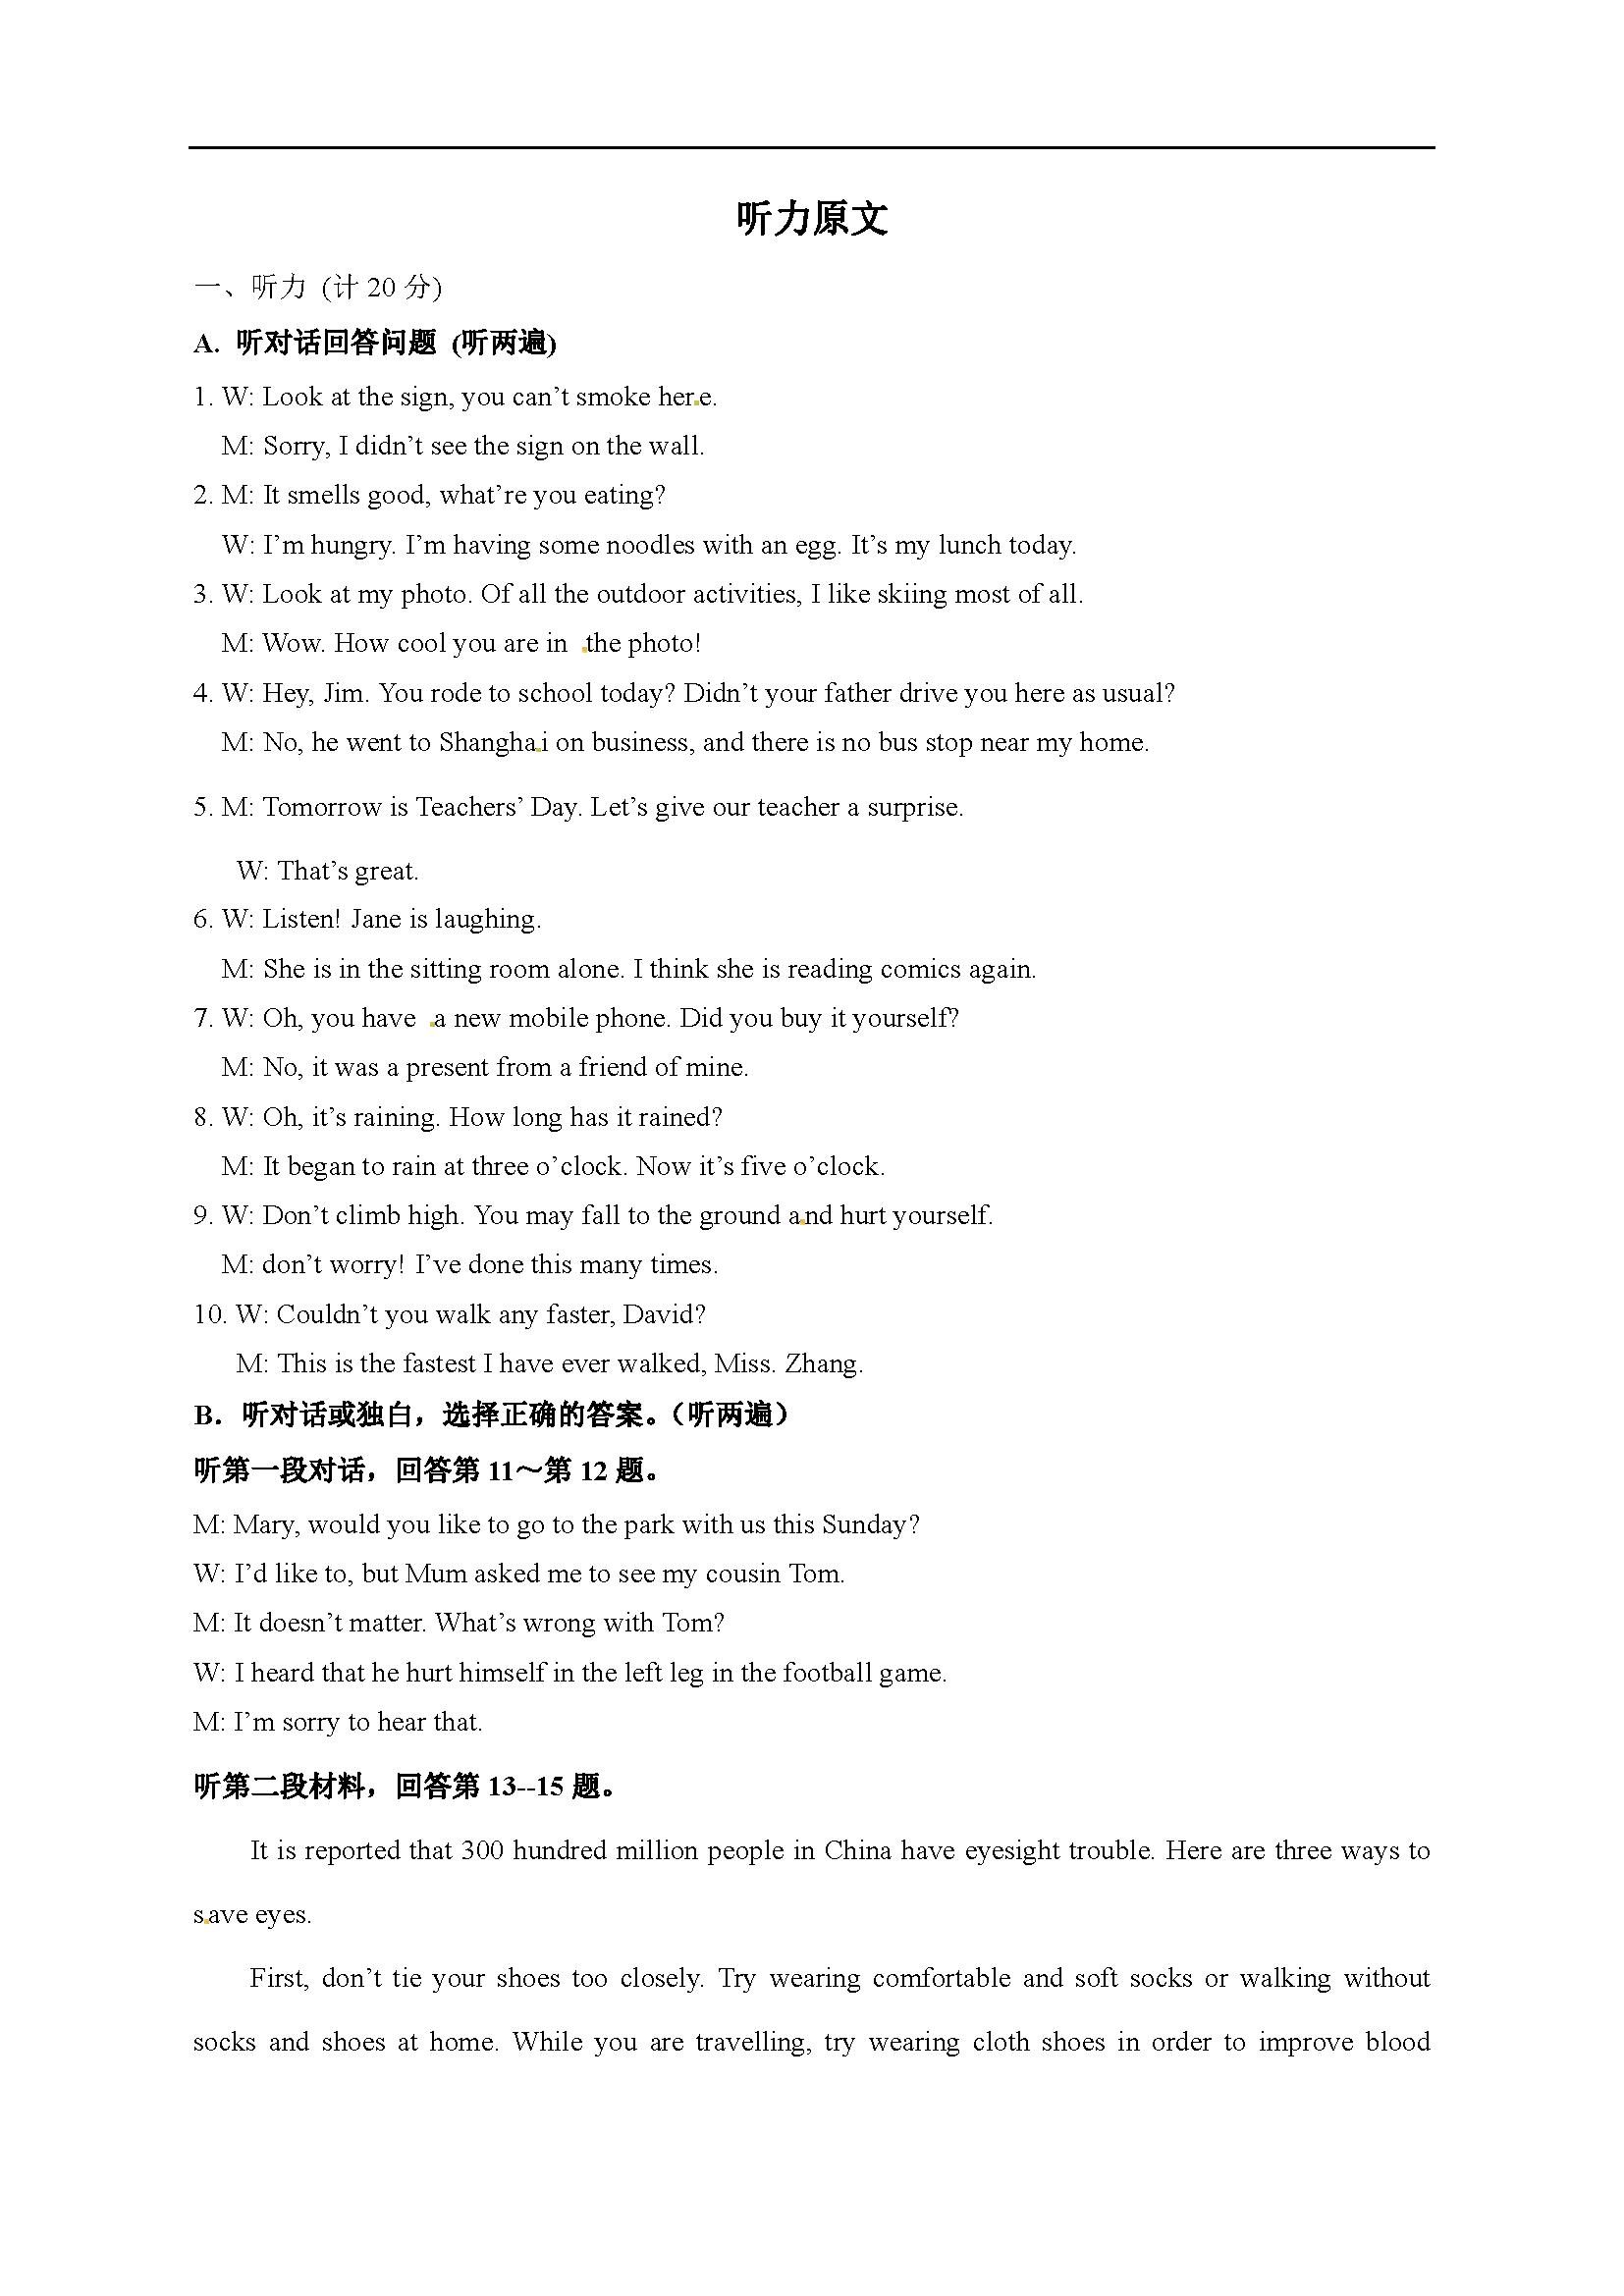 江苏盐城景山中学2016-2017八年级下第一次月考英语试题答案(图片版)